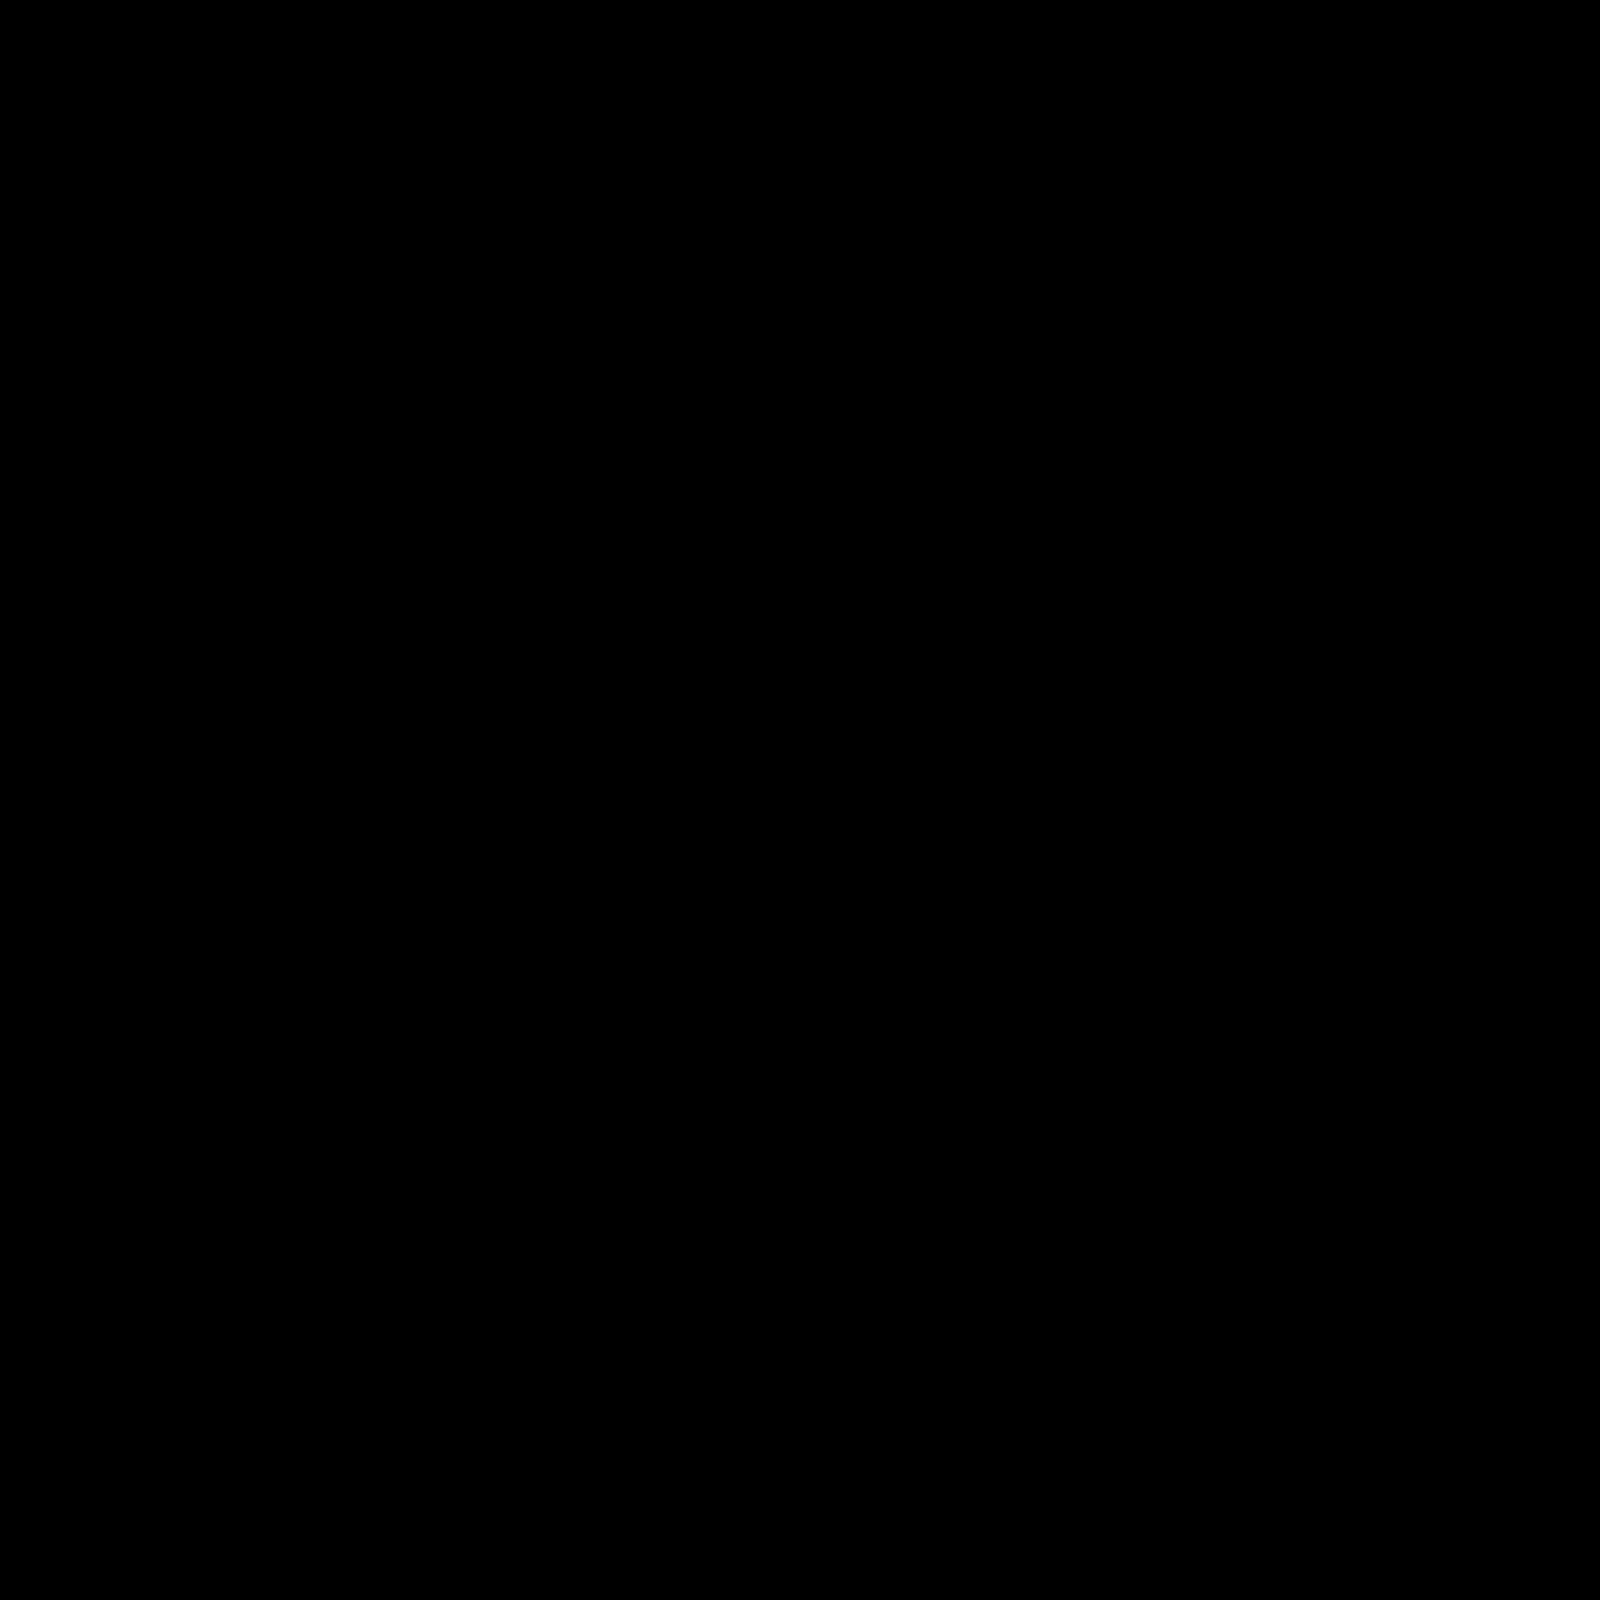 Datenschutz icon